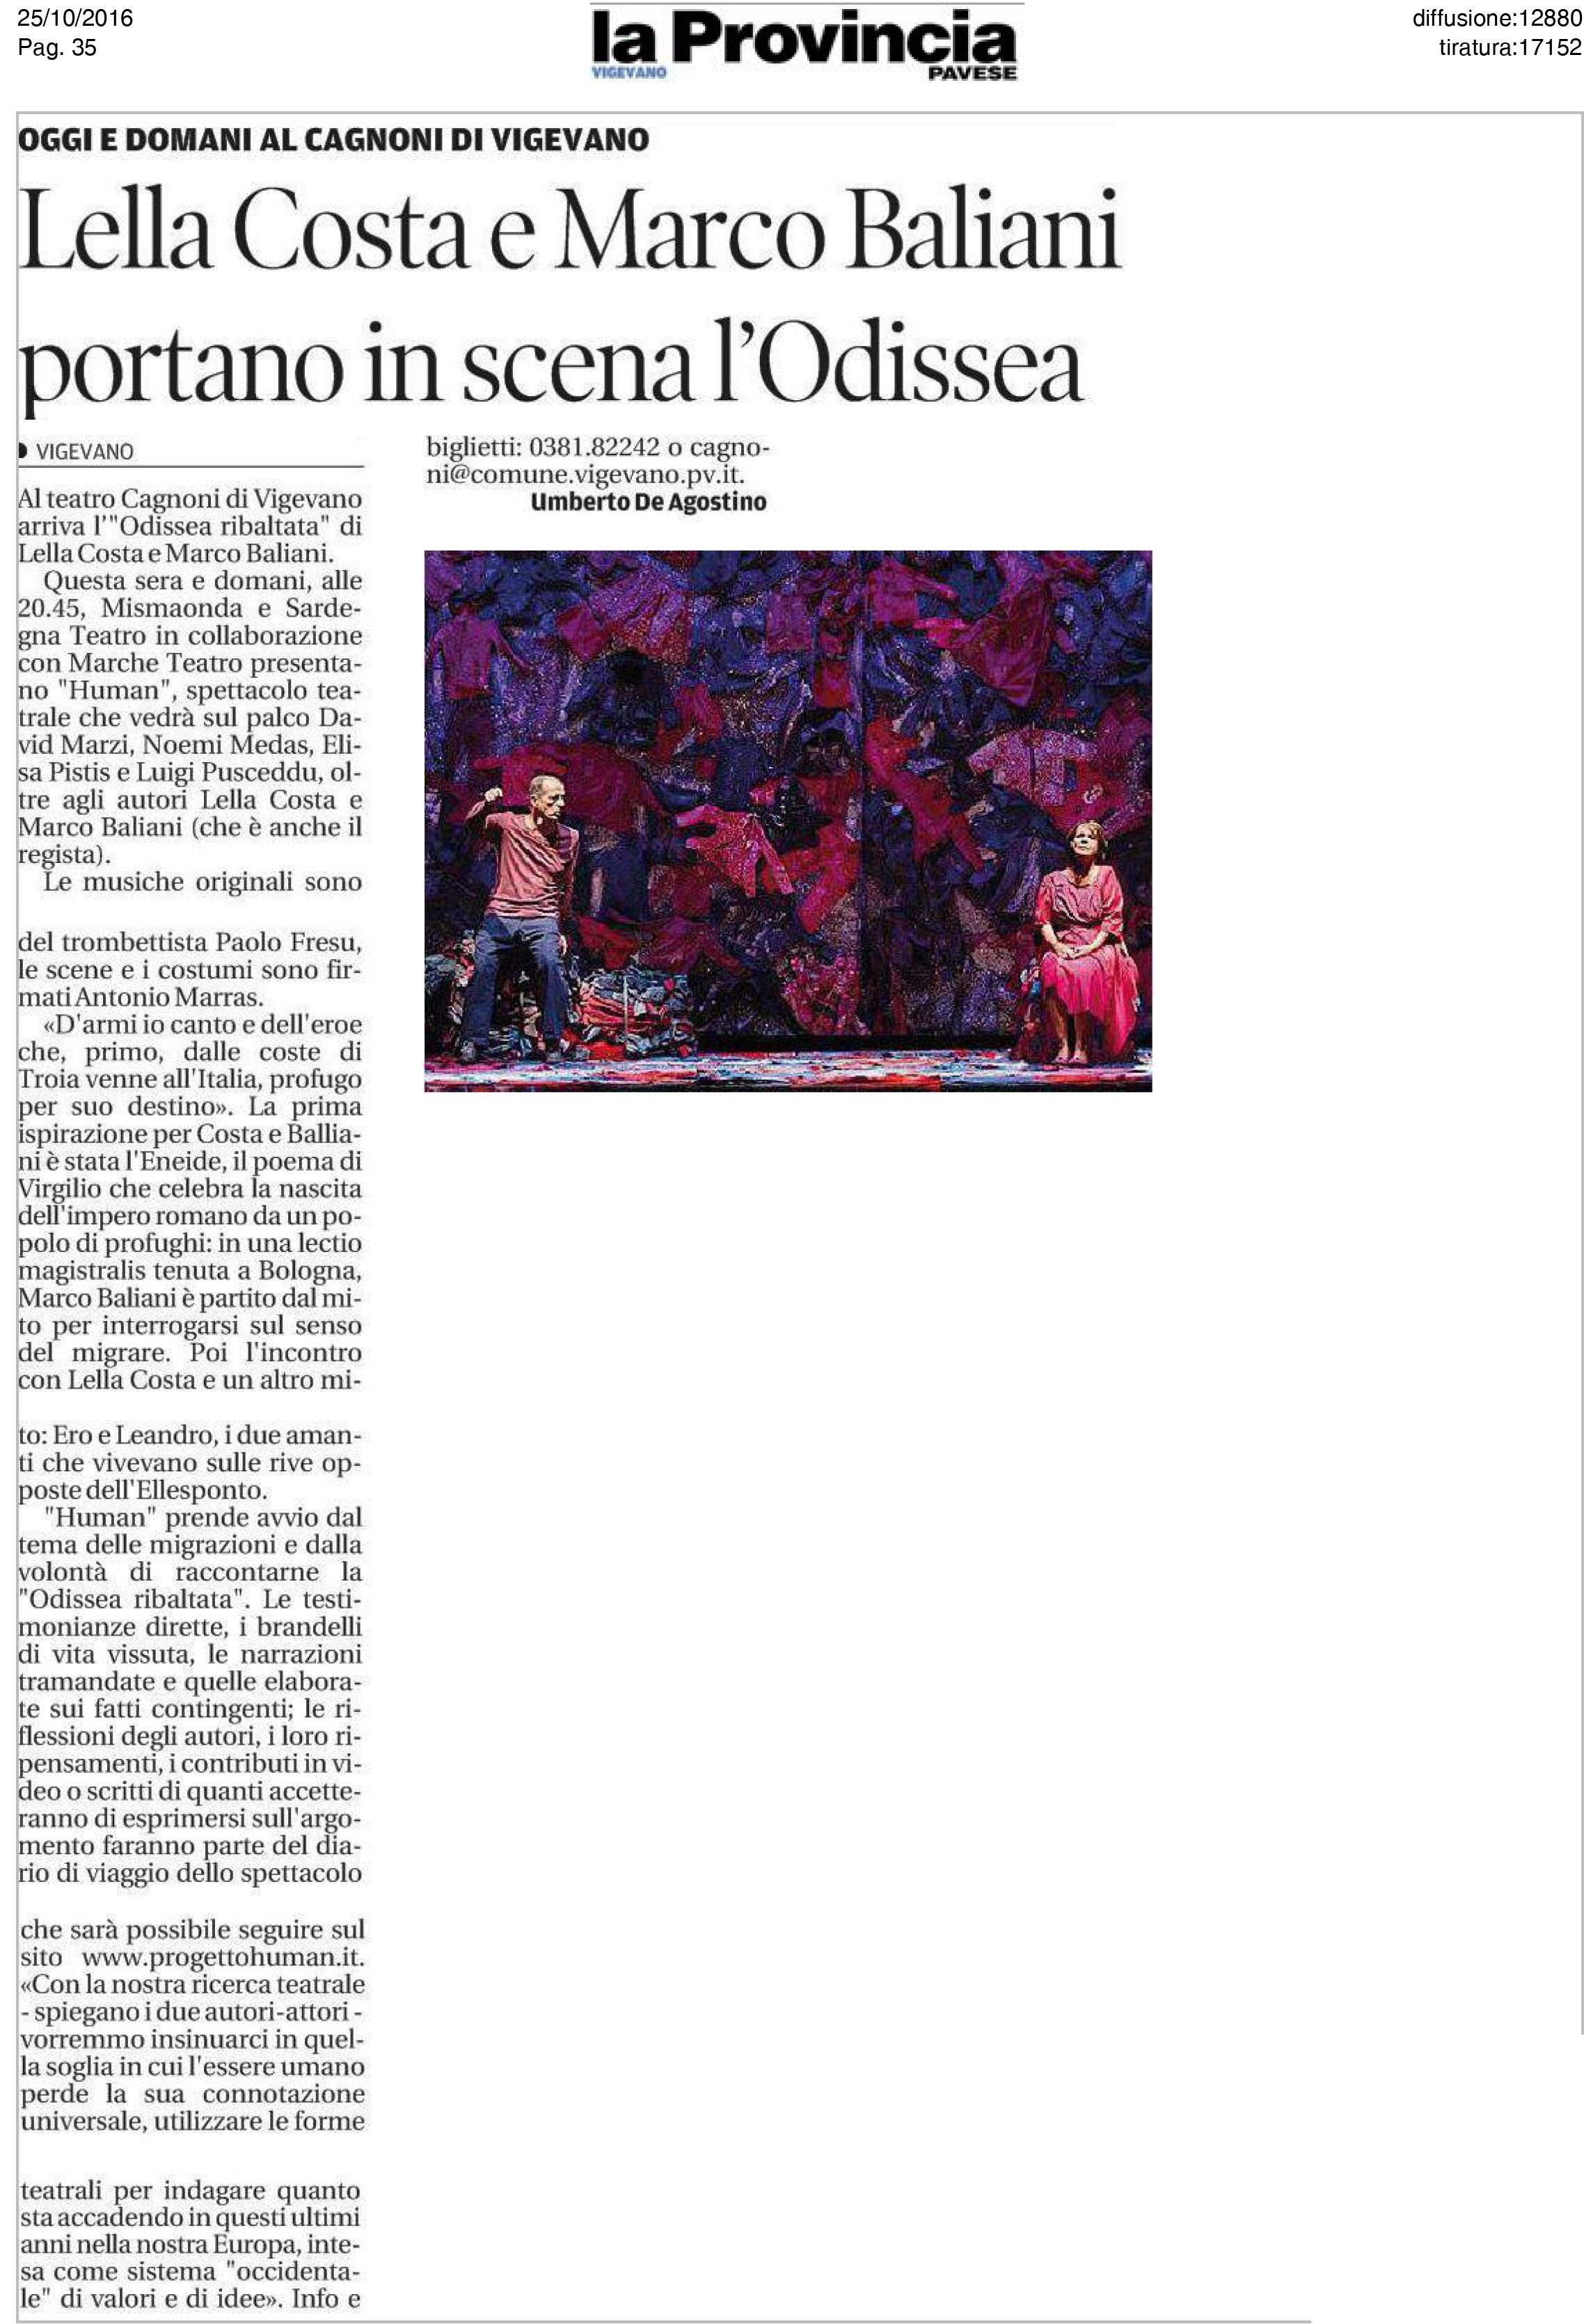 20161025_lella-costa-e-marco-balliani-portano-in-scena-lodissea_la-provinvia-pavese